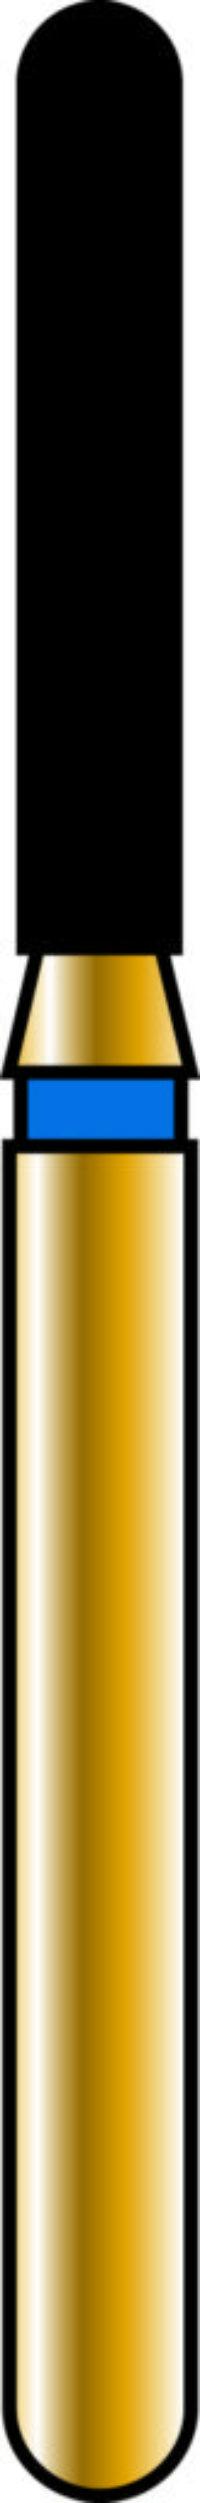 Round End Cylinder 14-8mm Gold Diamond Bur